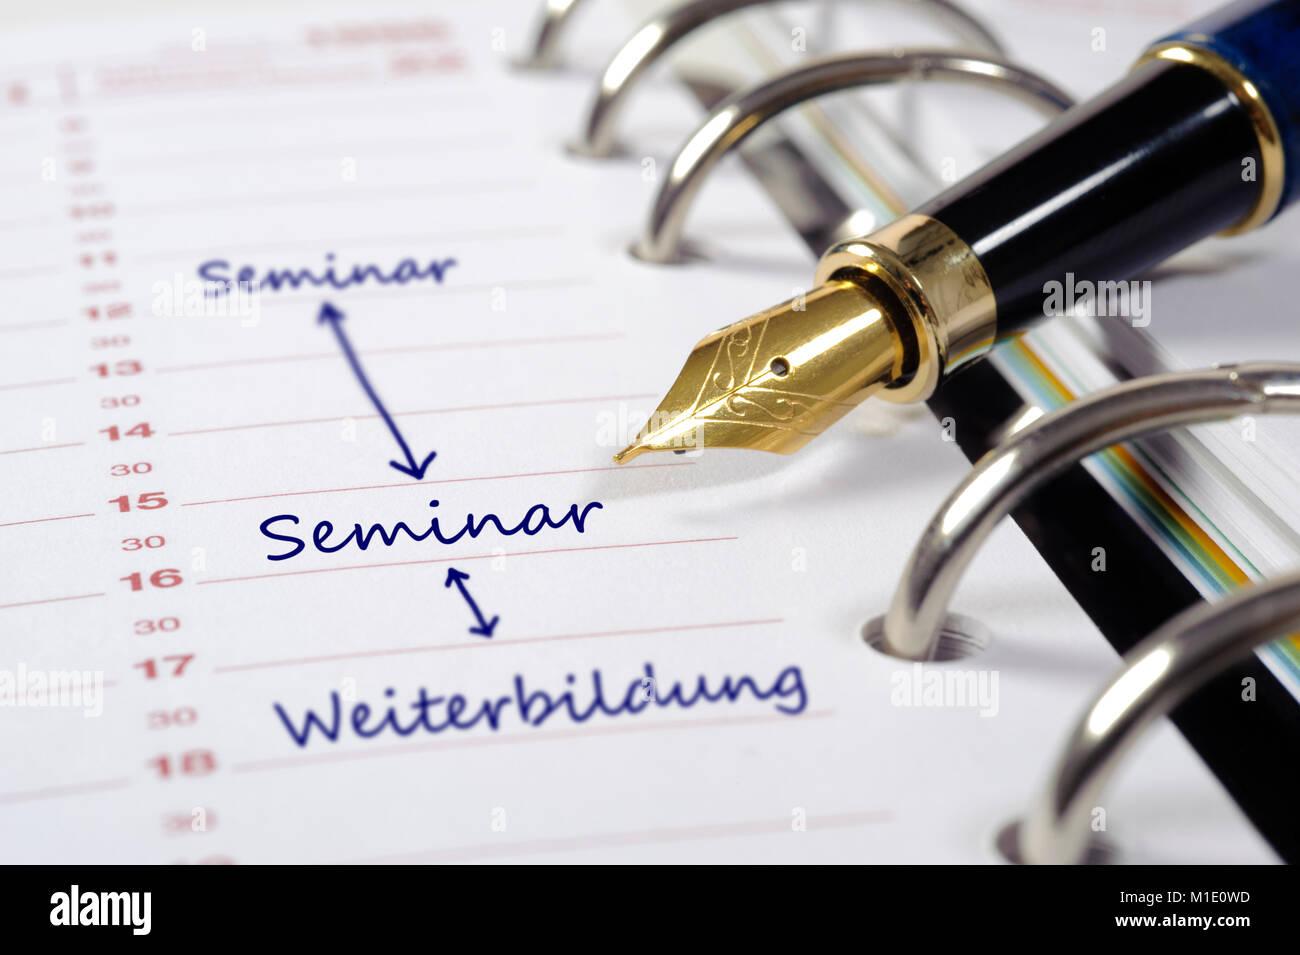 Terminkalender, mit Eintrag für Seminar und Weiterbildung Stock Photo